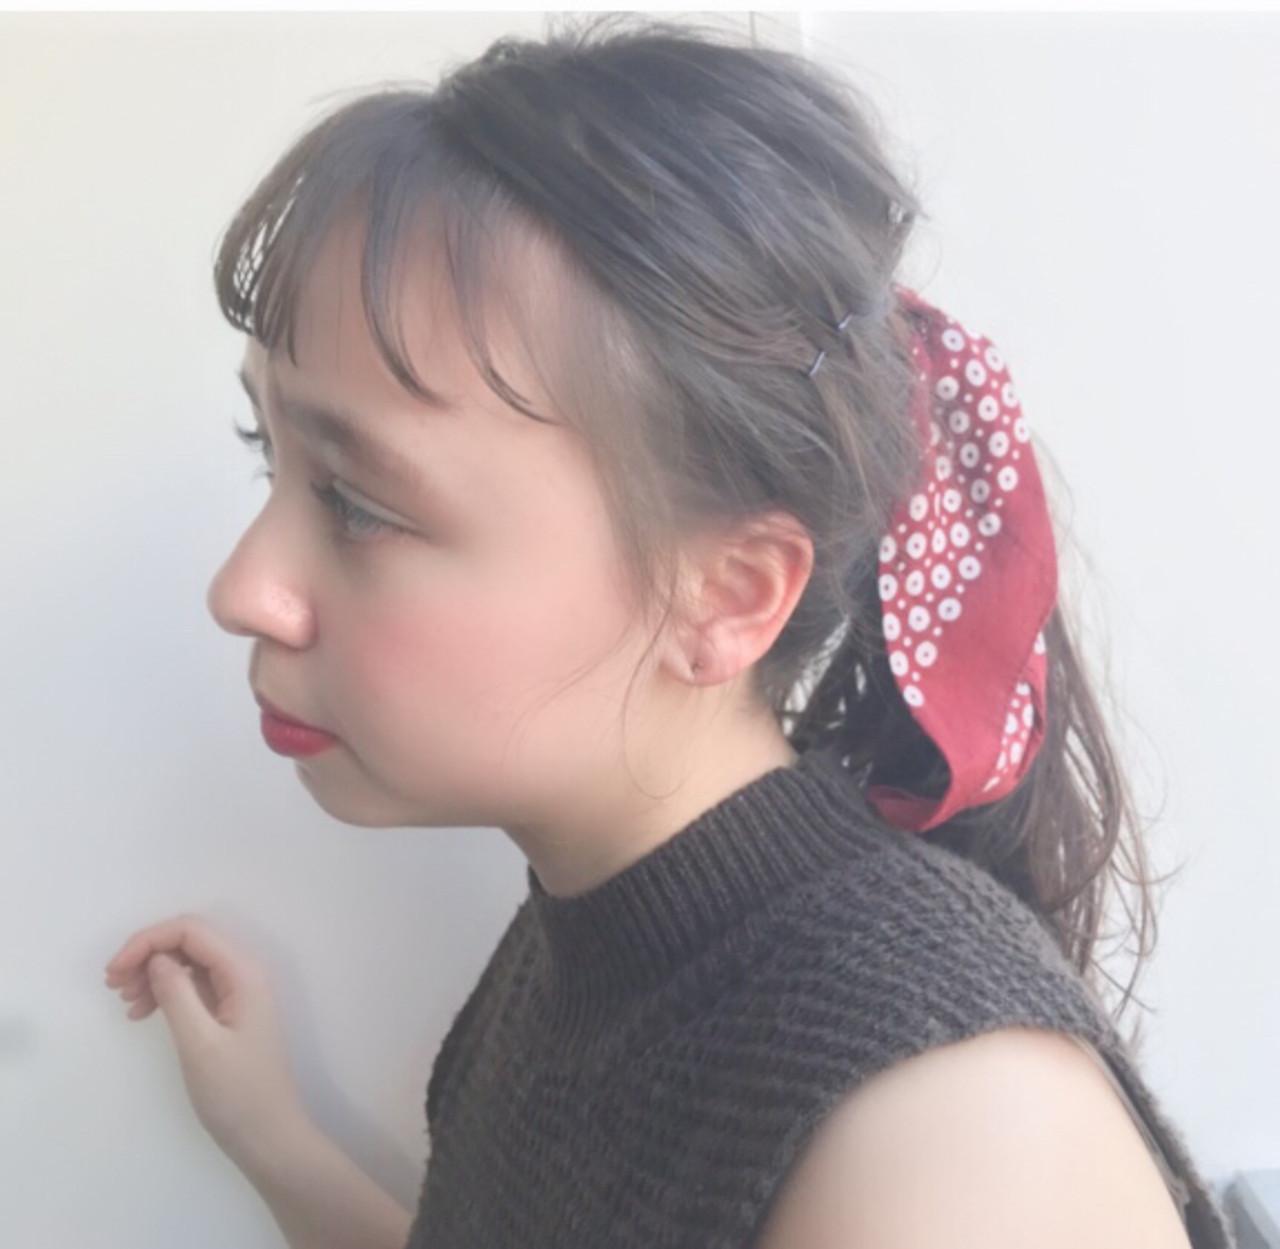 ローポニーテール ローポニー ナチュラル バンダナ ヘアスタイルや髪型の写真・画像